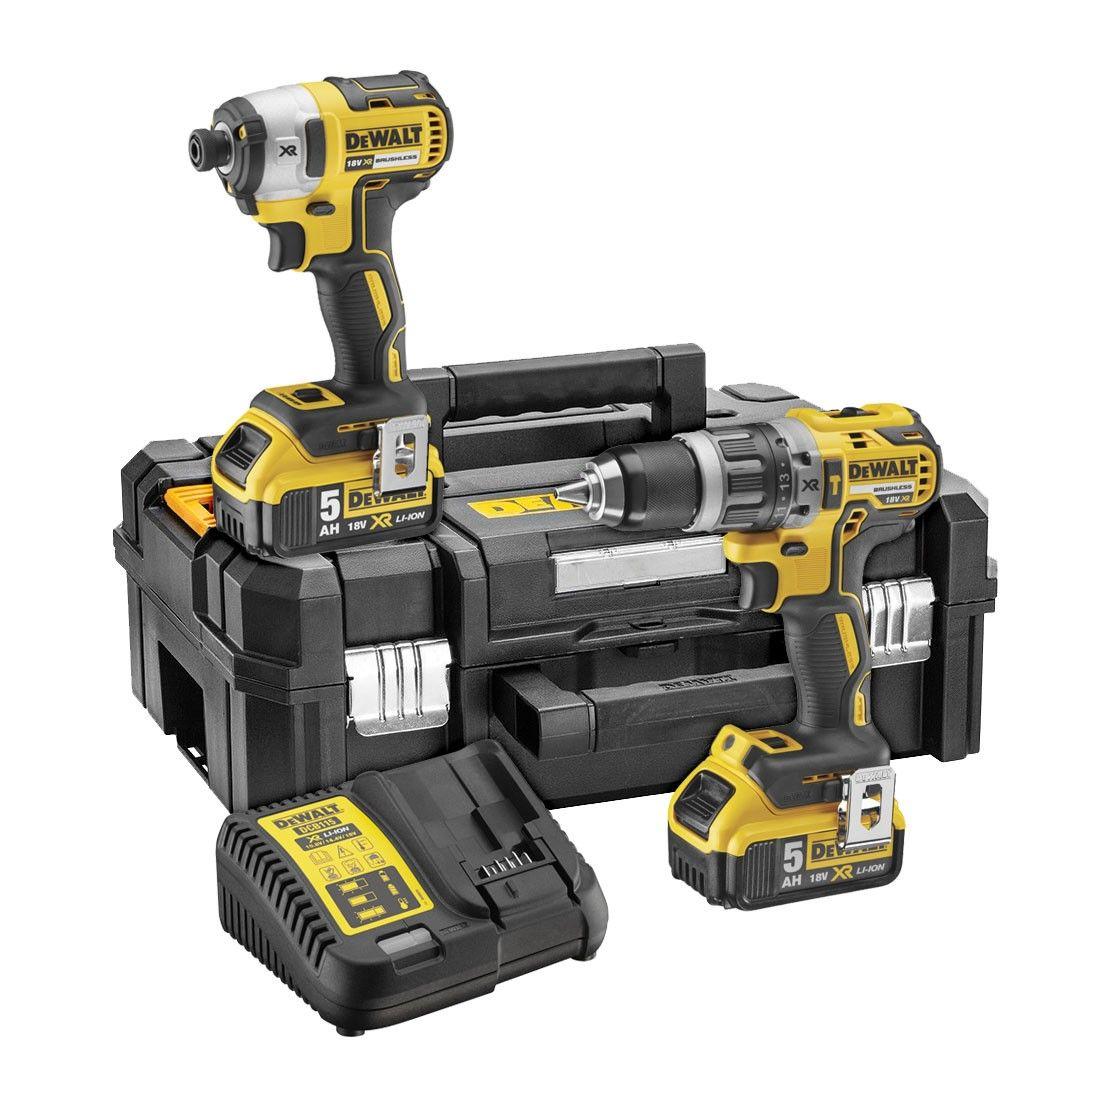 DeWalt DCK266P2T Brushless 18v Combi Drill & Impact Driver Kit 2x 5Ah Batteries